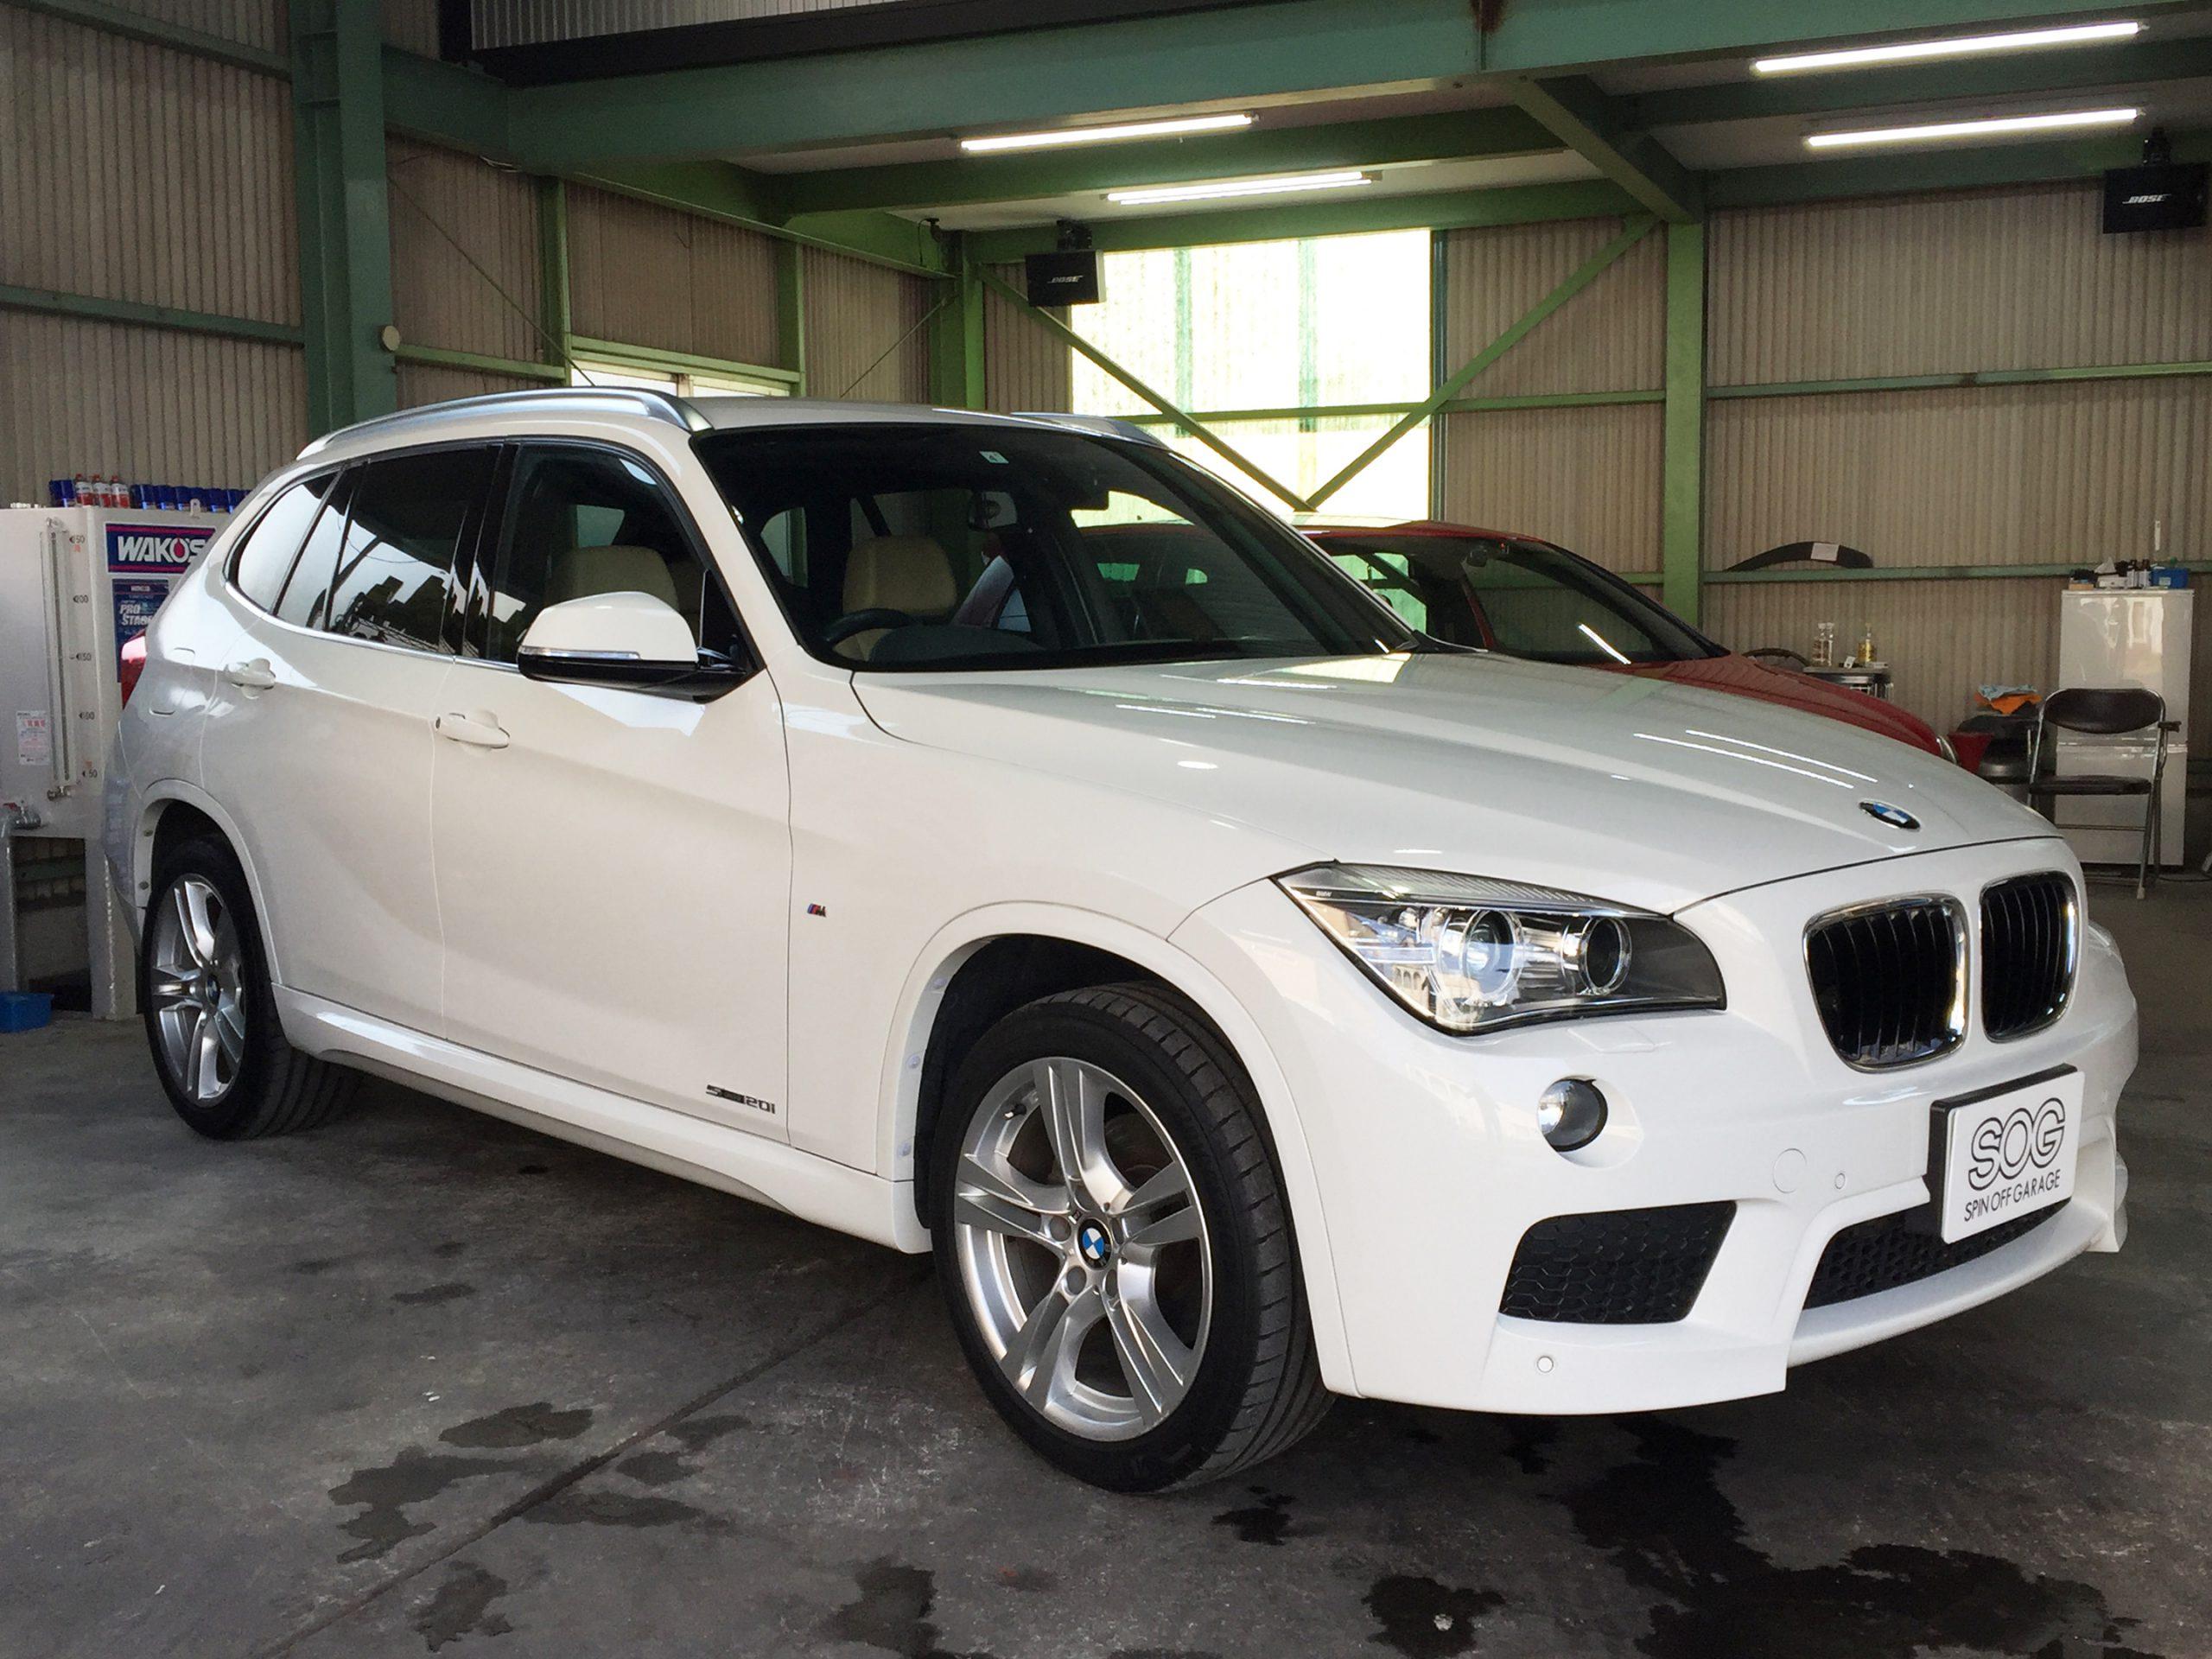 【BMW X1 Sドライブ】ご依頼ありがとうございます!